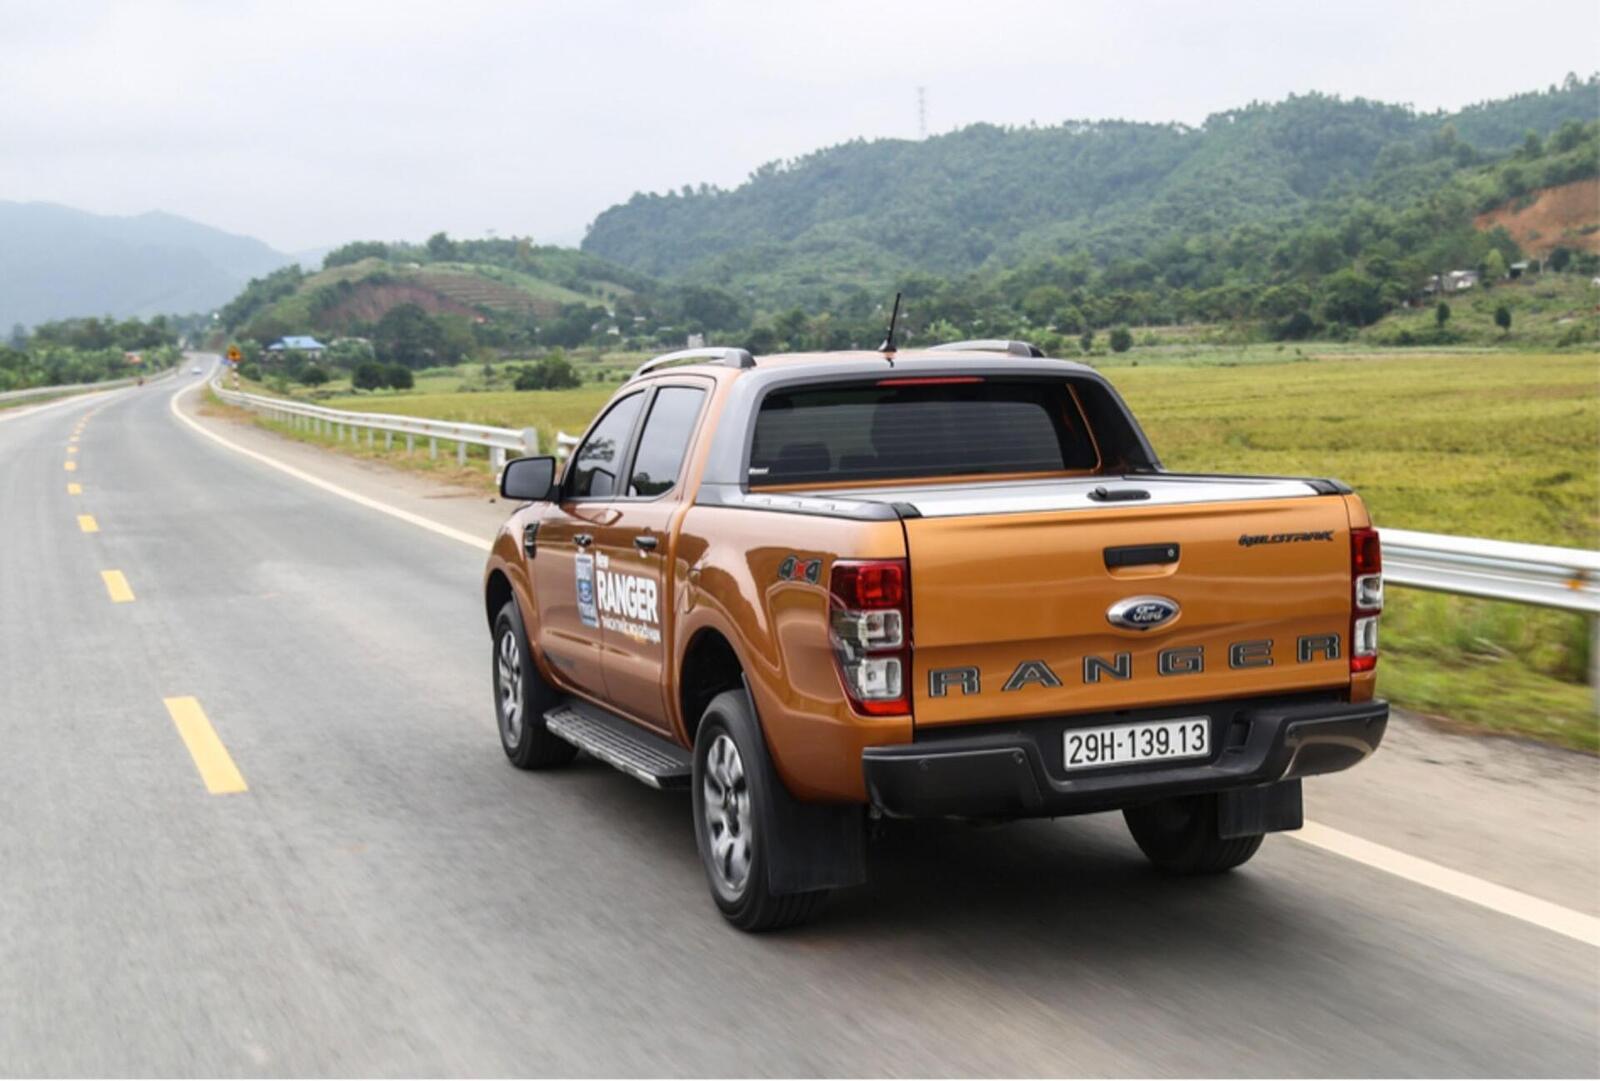 Ford Việt Nam bán hơn 1.900 chiếc Ranger mới trong tháng 12/2018 vừa qua - Hình 3